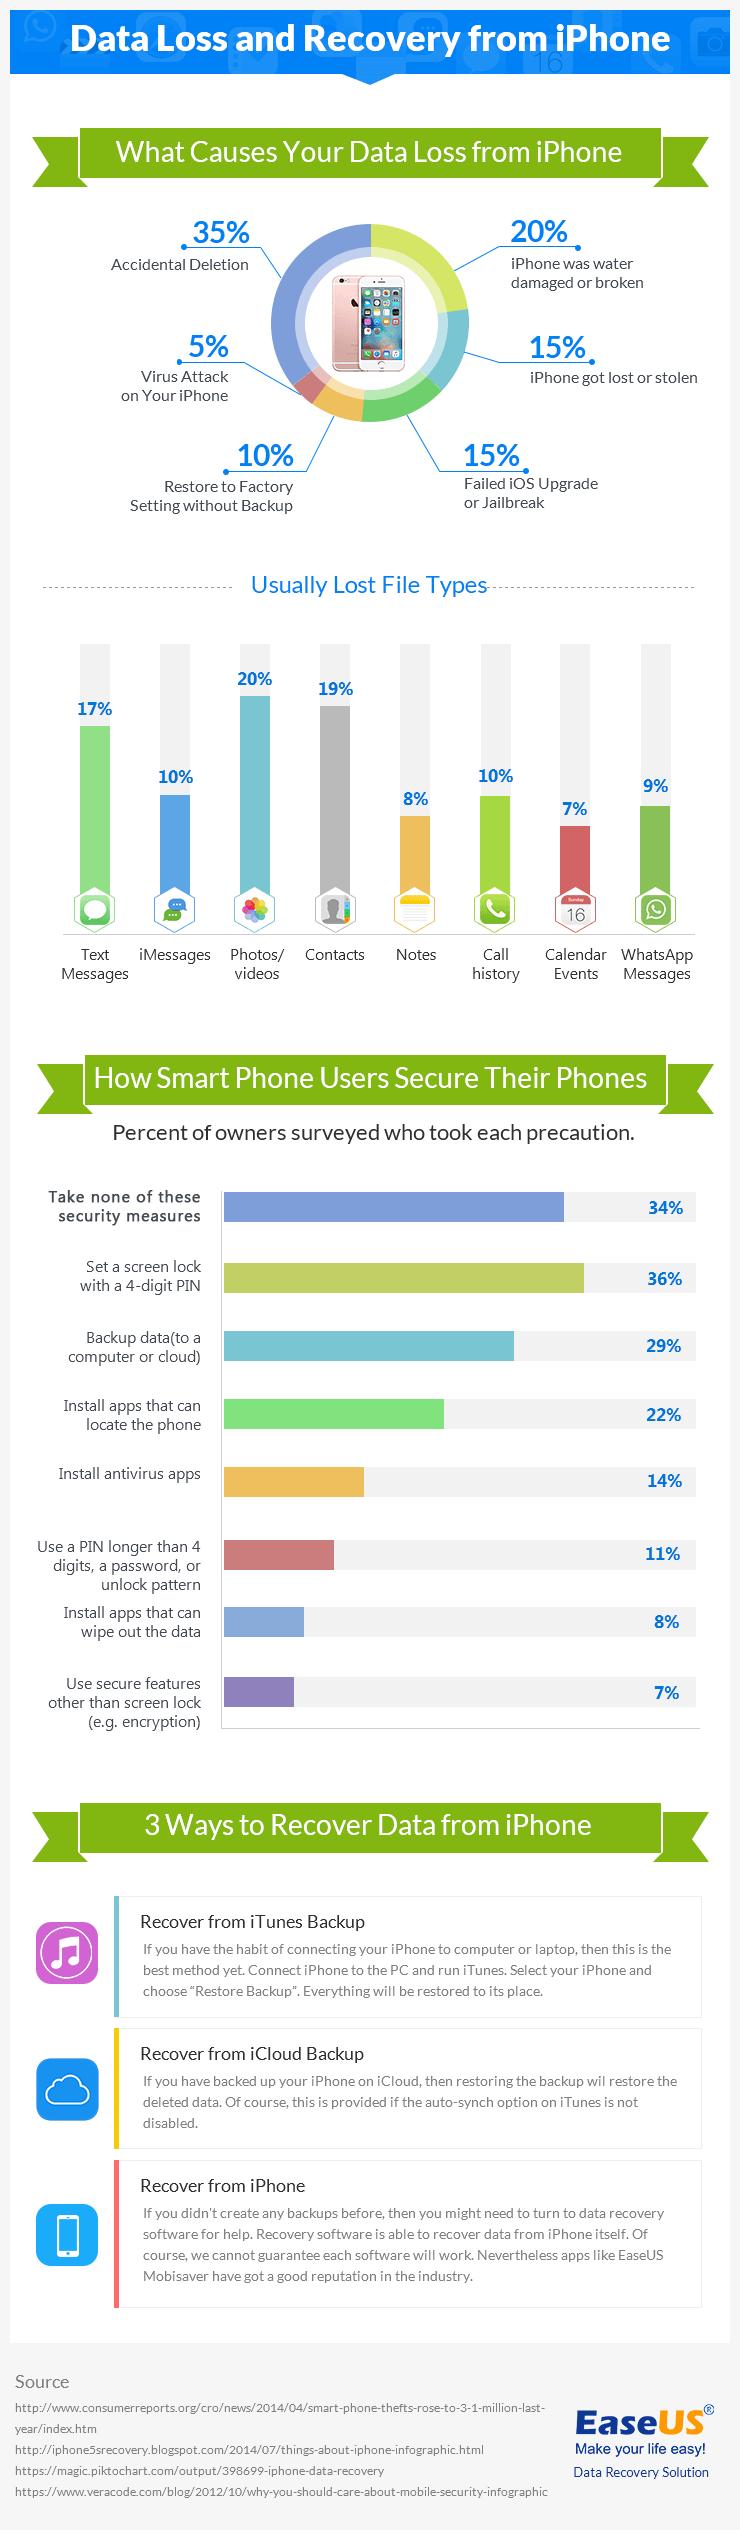 Recuperar datos del iPhone